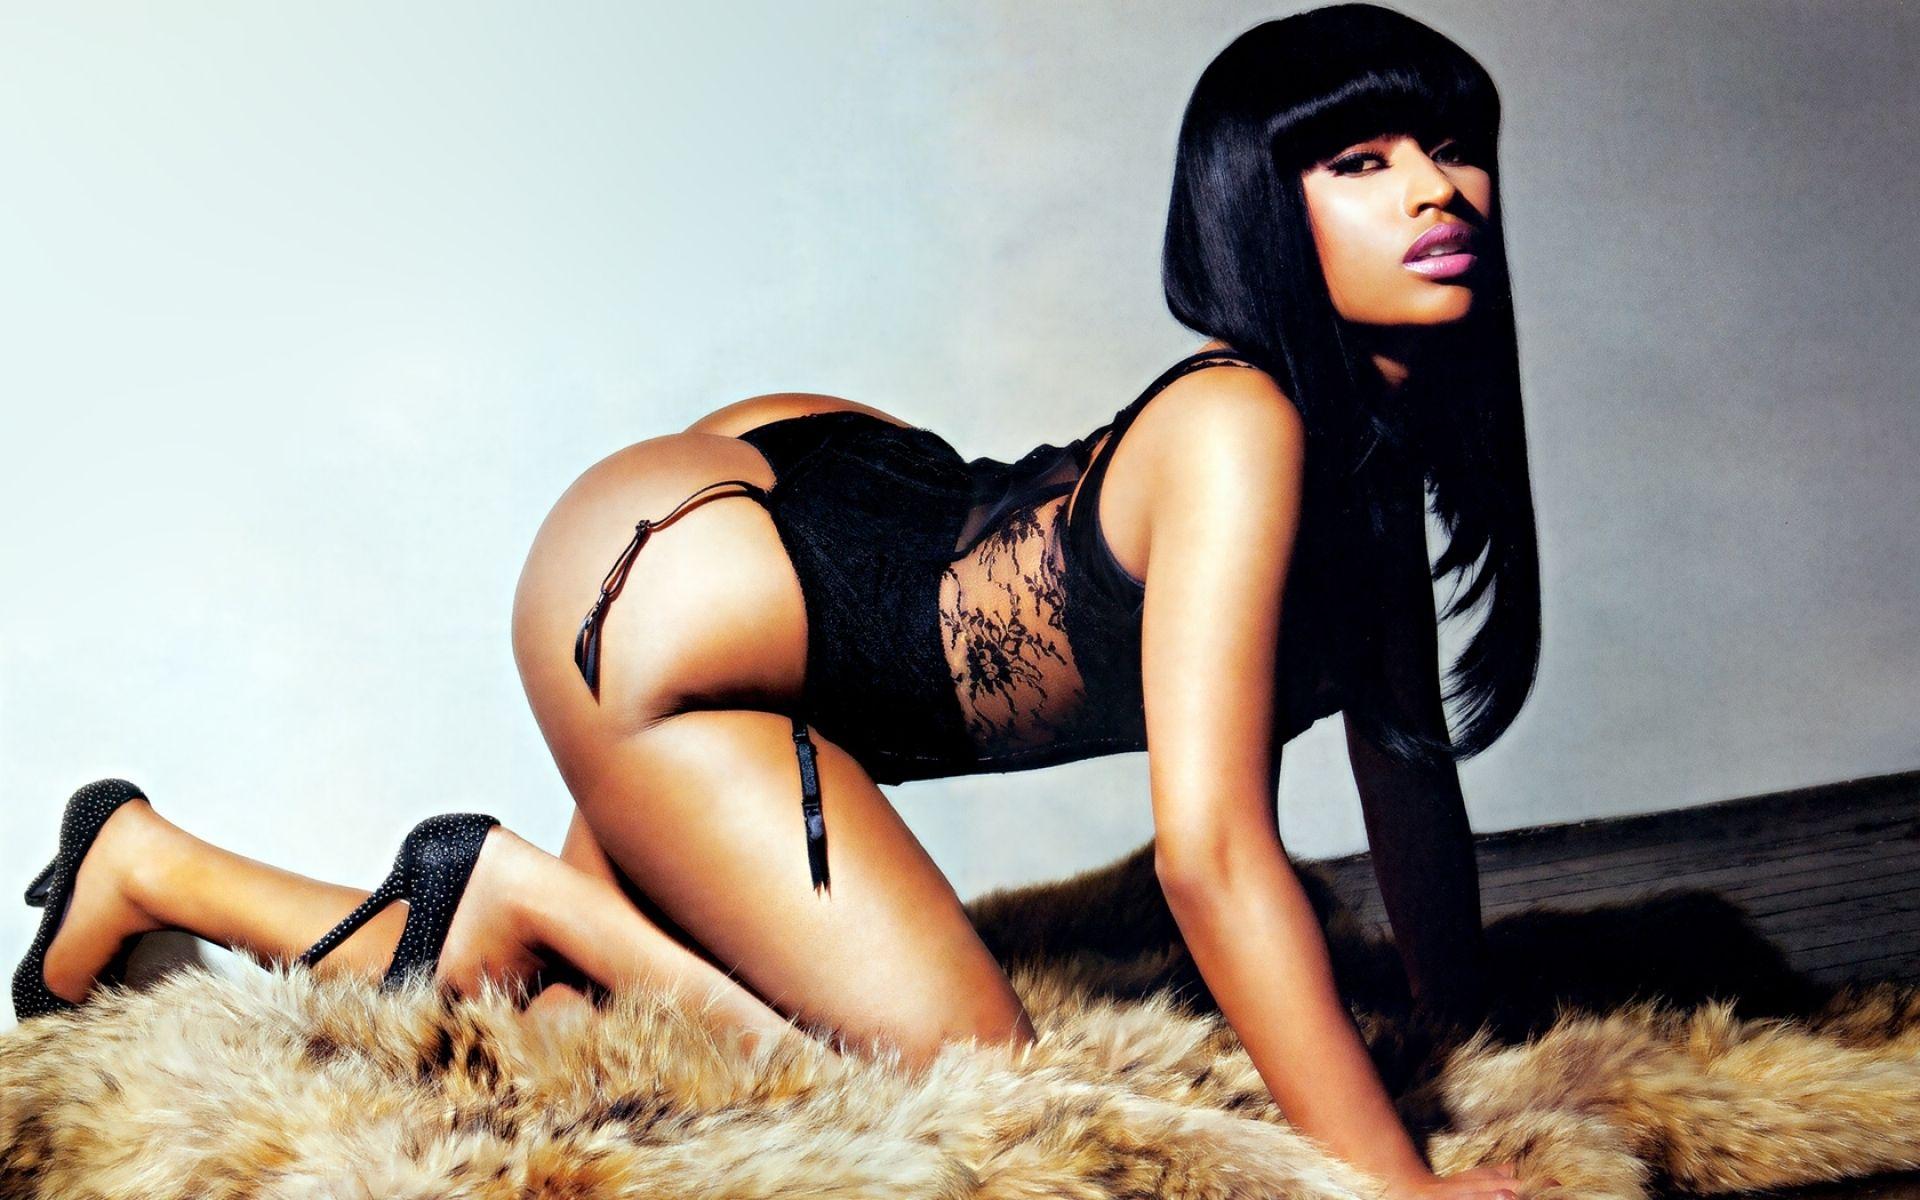 Nicki Minaj Nude Pics and Videos - - Top Nude